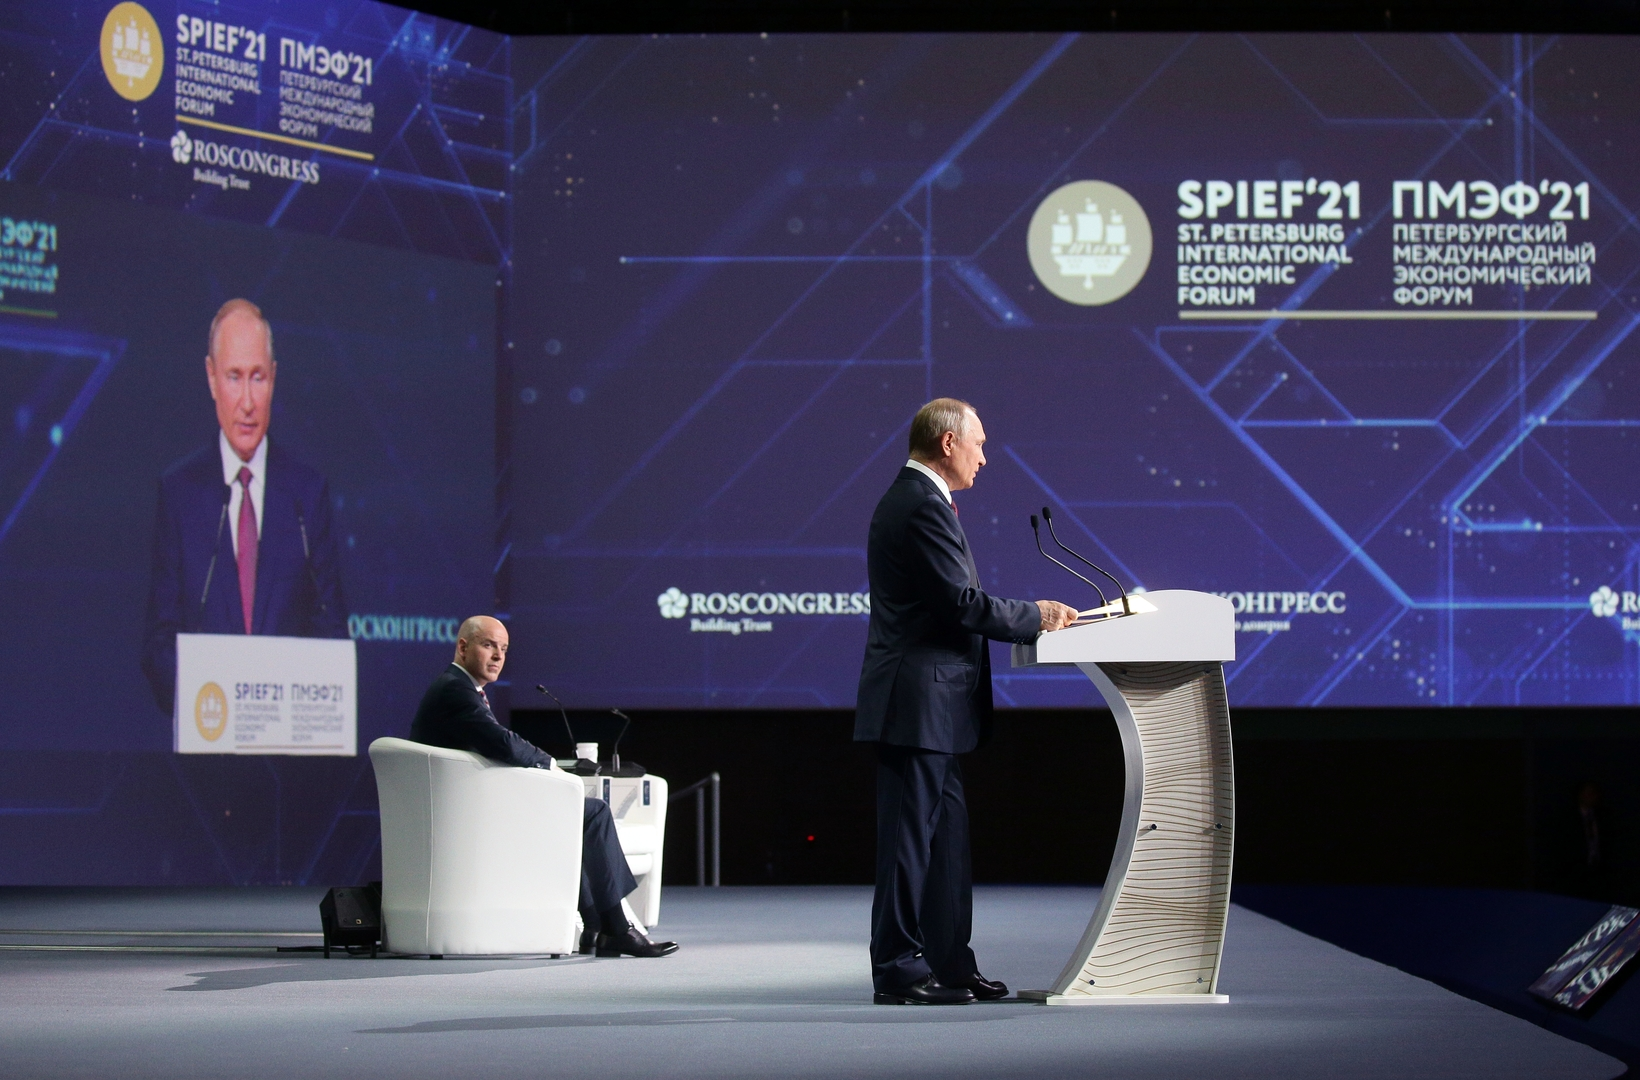 الجلسة العامة لمنتدى بطرسبورغ بمشاركة رئيس روسيا وأمير قطر والمستشار النمساوي